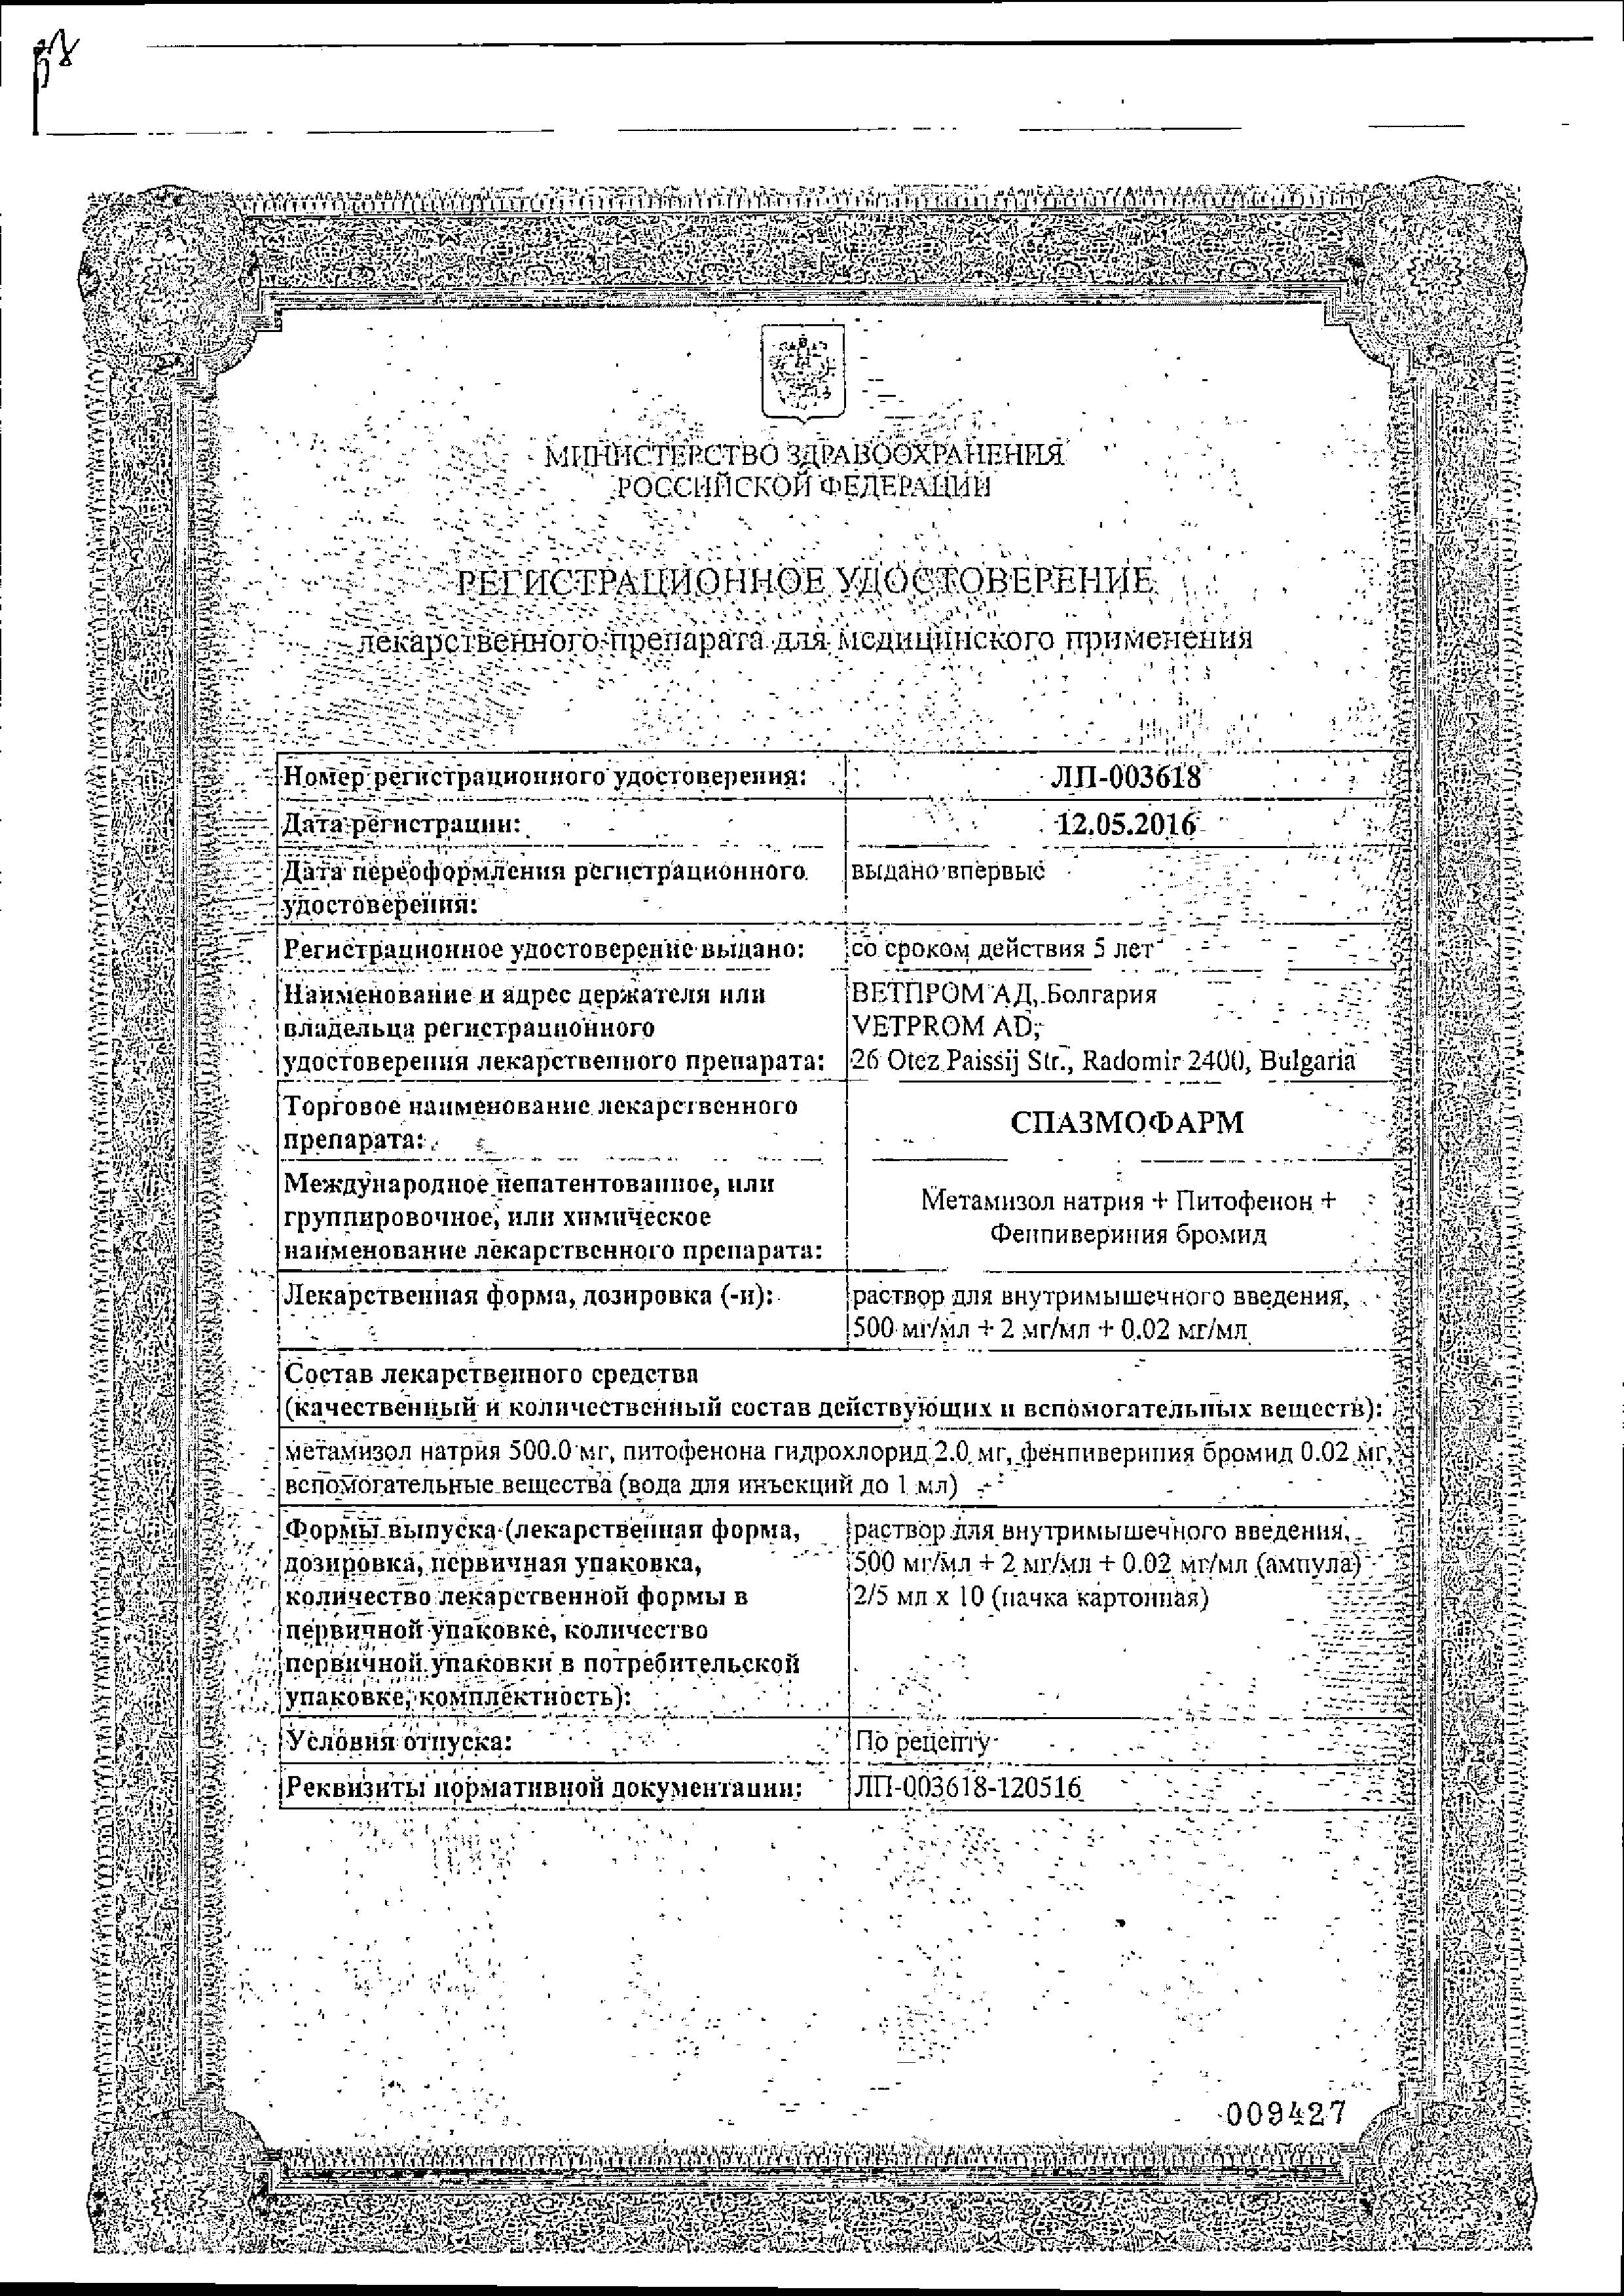 Спазмофарм сертификат